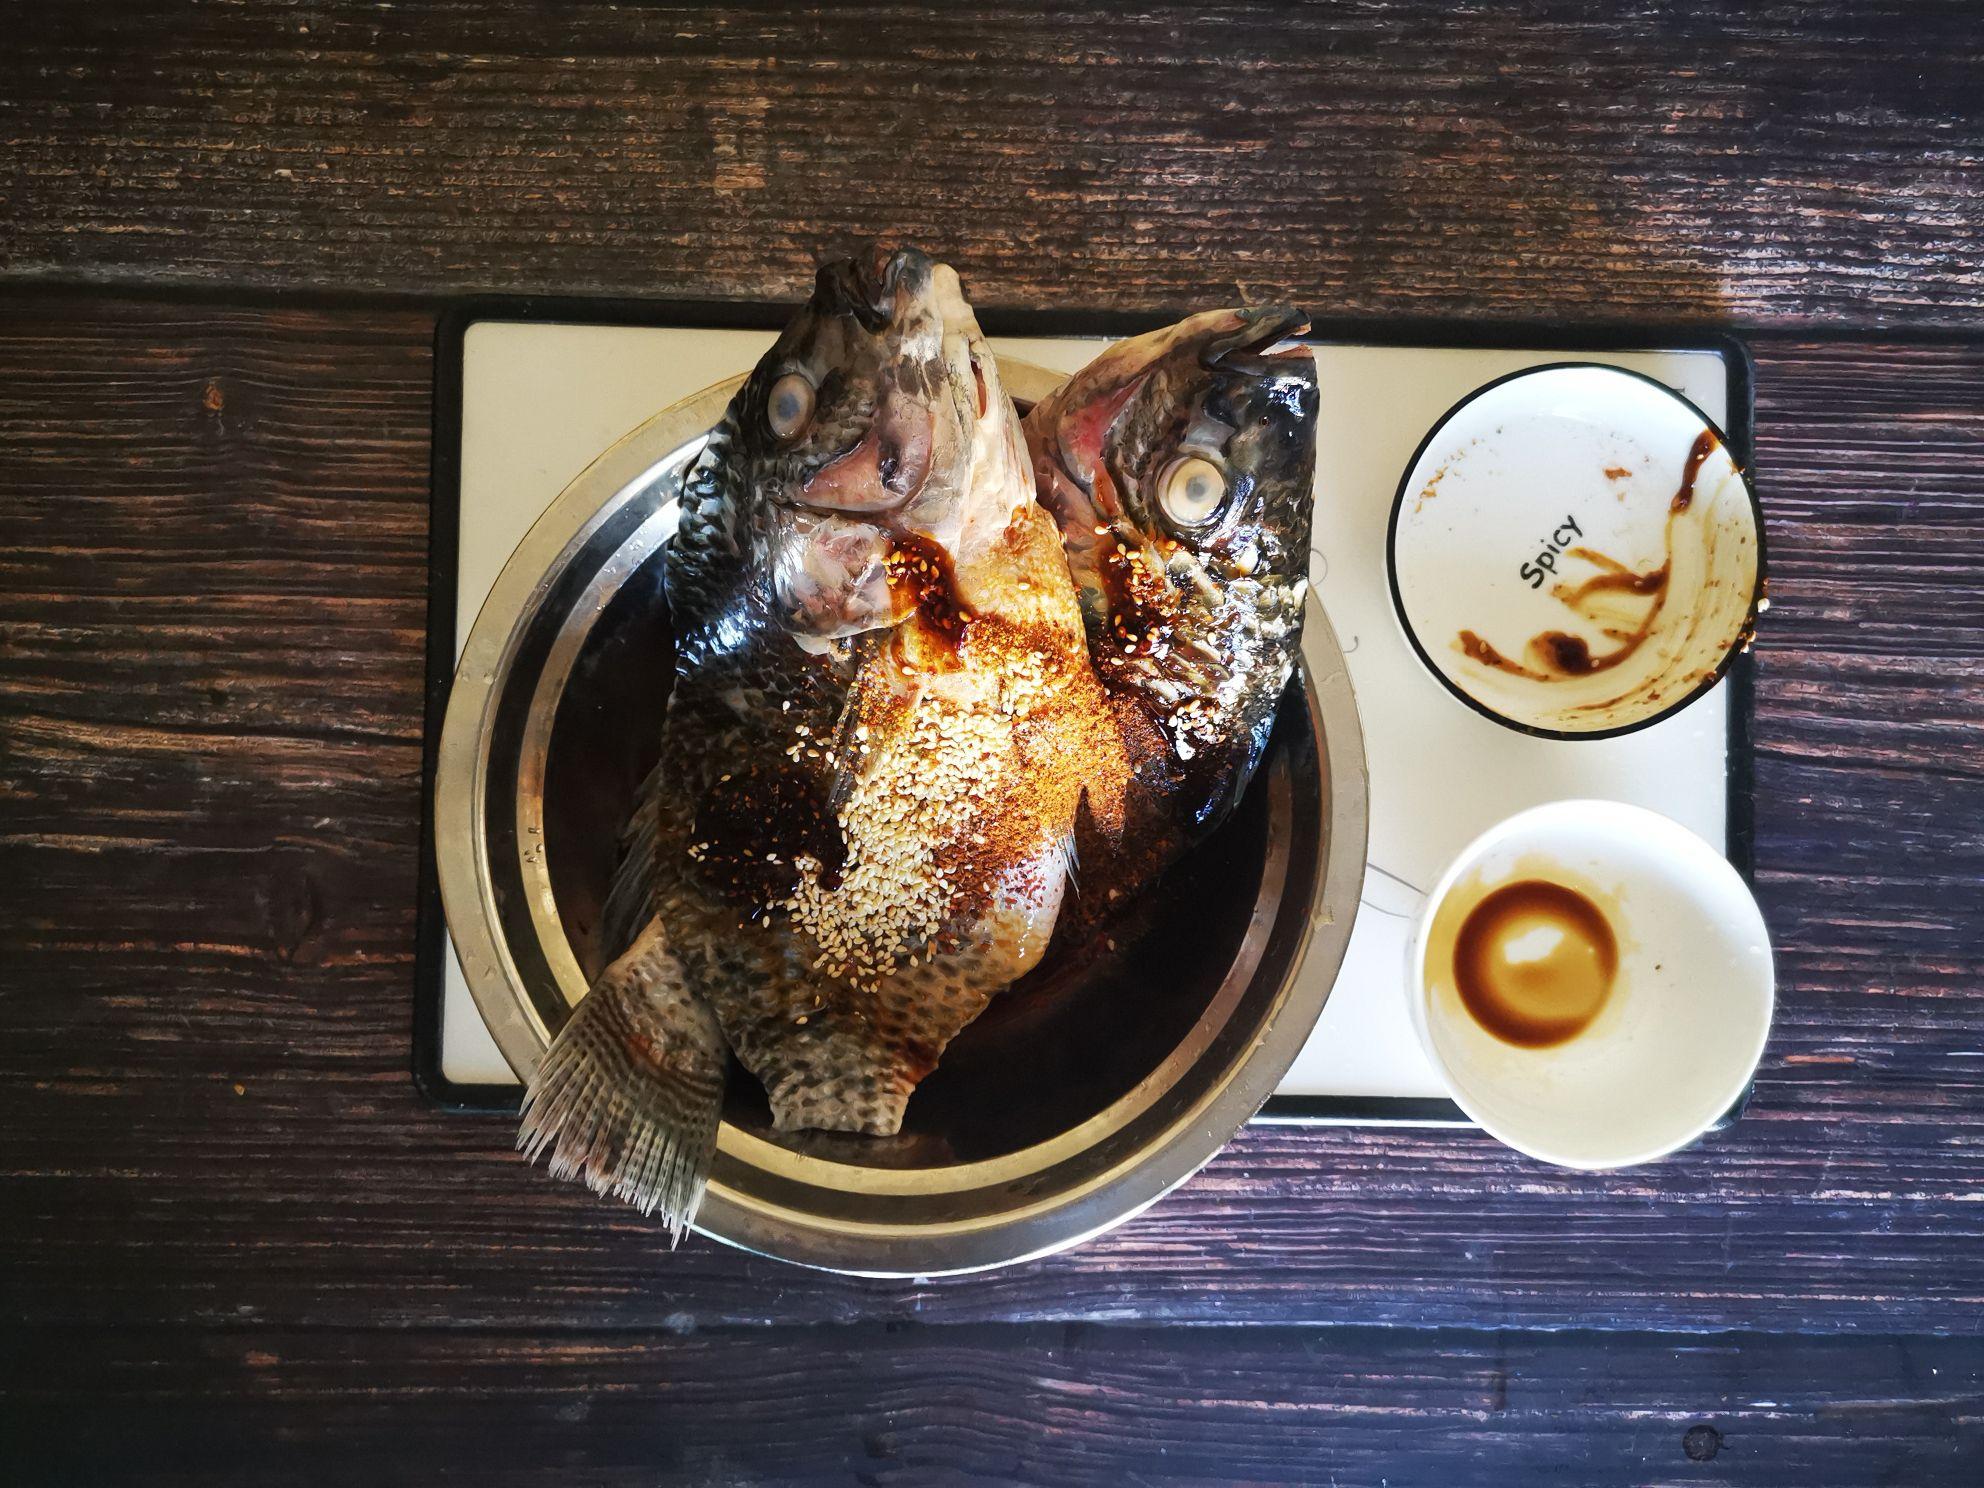 香烤罗非鱼的做法图解